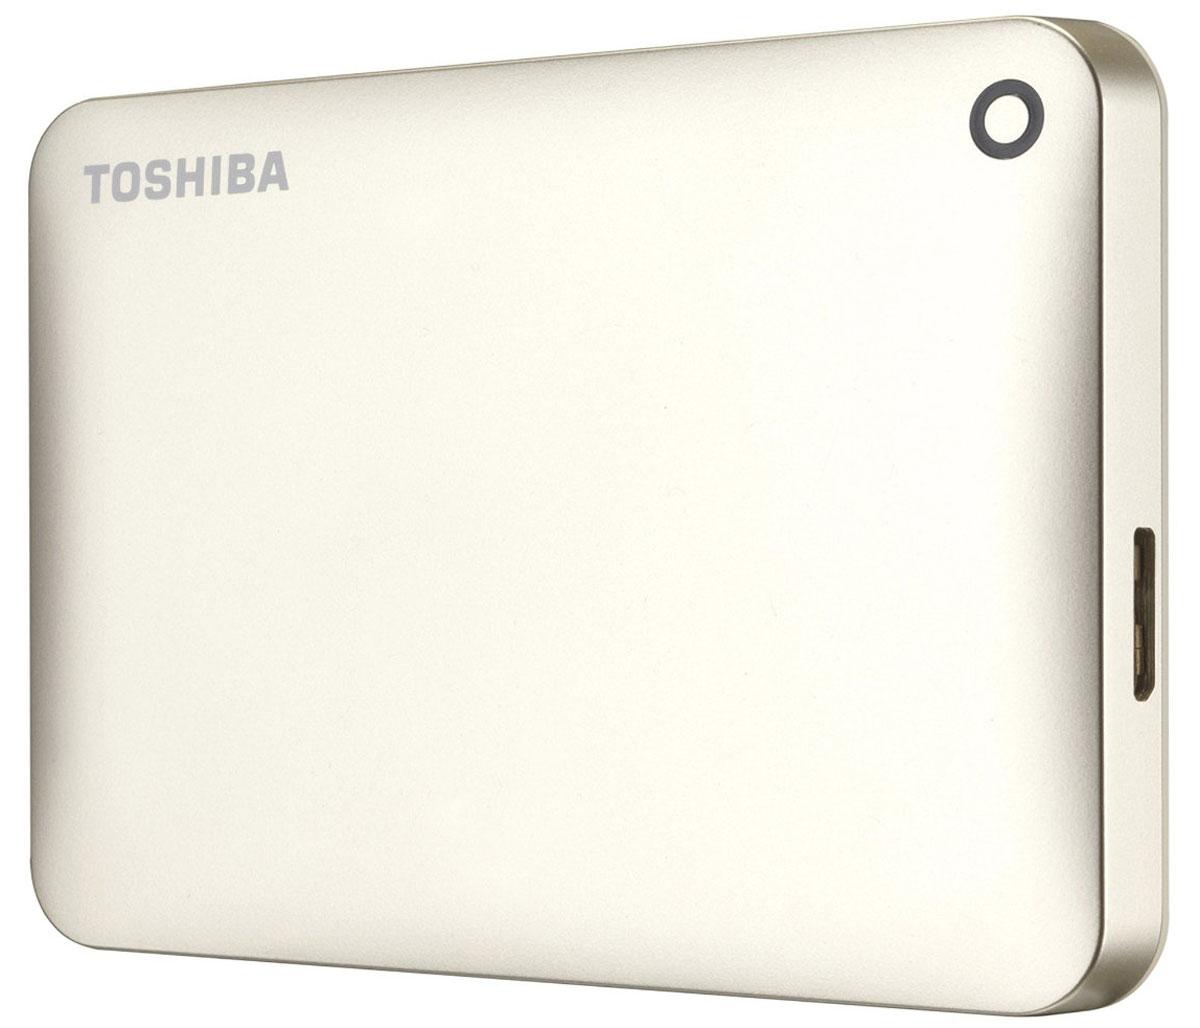 Toshiba Canvio Connect II 1TB, Gold внешний жесткий диск (HDTC810EC3AA)HDTC810EC3AAToshiba Canvio Connect II дает вам возможность быстро передавать файлы с интерфейсом USB 3.0 и хранить до 3 ТБ данных на внешнем жестком диске. Устройство полностью готово для работы с Microsoft Windows и не требует установки программного обеспечения, так что ничего не может быть удобнее для хранения всех ваших любимых файлов. В офисе или в дороге его классический дизайн будет всегда уместен. Более того, Toshiba Canvio Connect II позволяет подключаться также и к оборудованию с совместимостью USB 2.0.Этот внешний накопитель обеспечивает доступ к вашим файлам практически из любого места и с любого устройства. Toshiba Canvio Connect II может легко превратить ваш компьютер в облачный сервер благодаря предустановленному ПО для удаленного доступа (накопитель должен быть подключен к компьютеру и Wi-Fi). Помимо удаленного доступа это устройство предоставляет своему владельцу 10 ГБ дополнительного места в облачном сервисе. Программное обеспечение NTI Backup Now EZ обеспечивает удобное и надежное создание резервных копий и восстановление всех ваших папок, файлов и операционной системы.Canvio Connect II оборудован датчиком ударов, сигнал которого переводит головку жесткого диска в безопасное положение, за счет чего снижается риск повреждения носителя и потери данных при падении накопителя. Накопитель имеет уже установленный драйвер NTFS для Mac, поэтому вам не придется волноваться из-за типа вашего компьютера - просто подключите Canvio Connect II и получите доступ к вашим файлам.